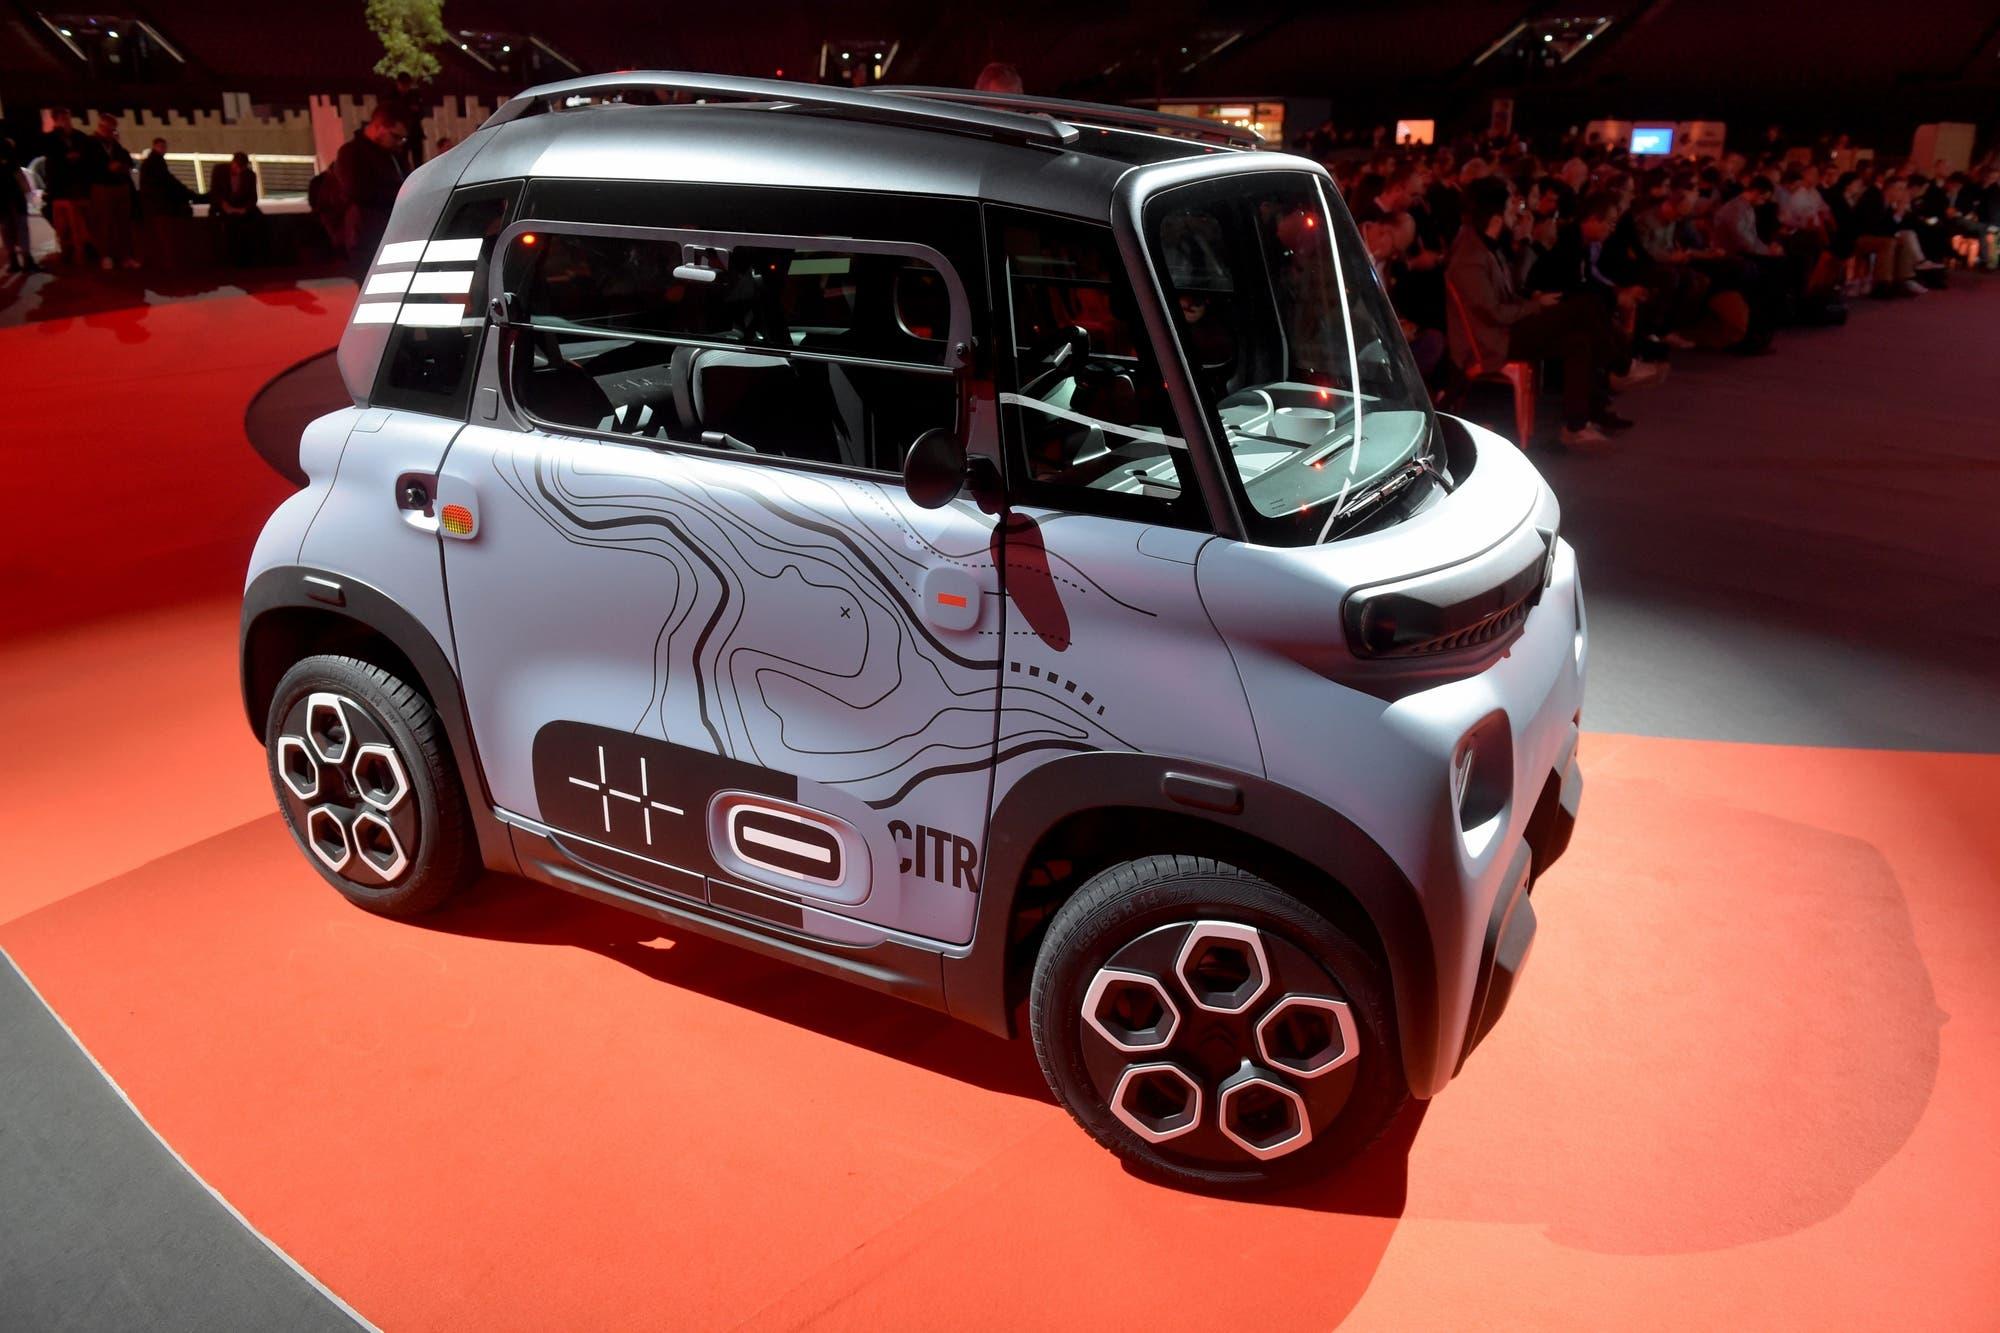 Citroën Ami: debuta en París el auto eléctrico que no requiere licencia de conducir